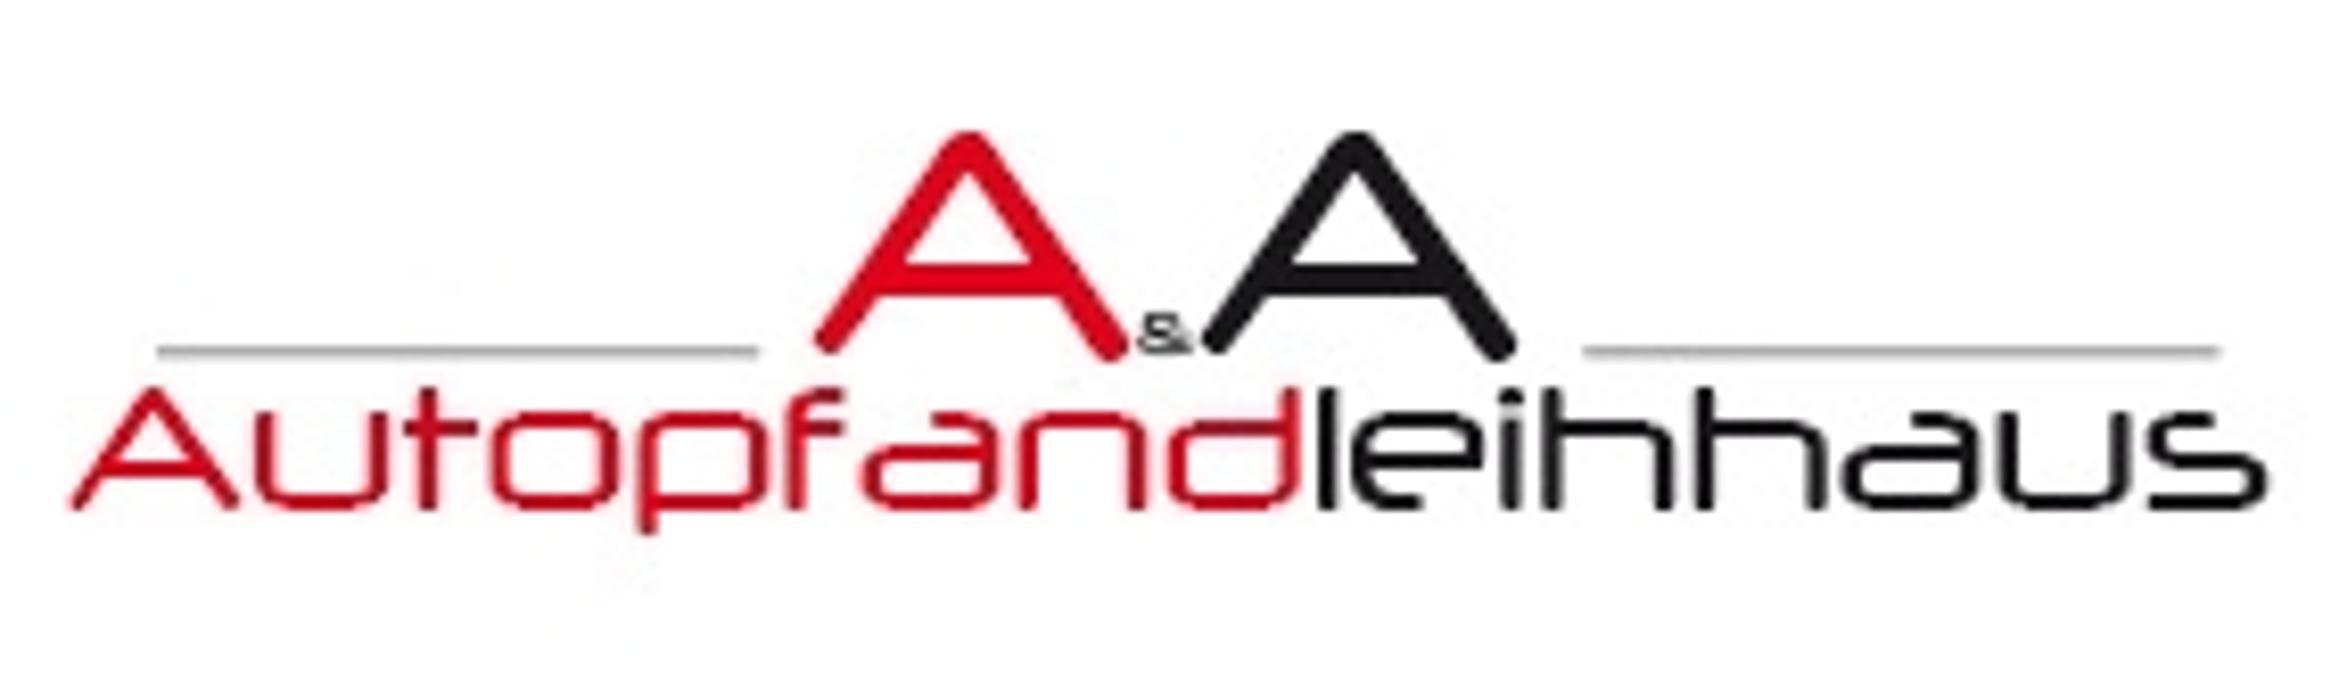 Logo von A&A Autopfandleihhaus